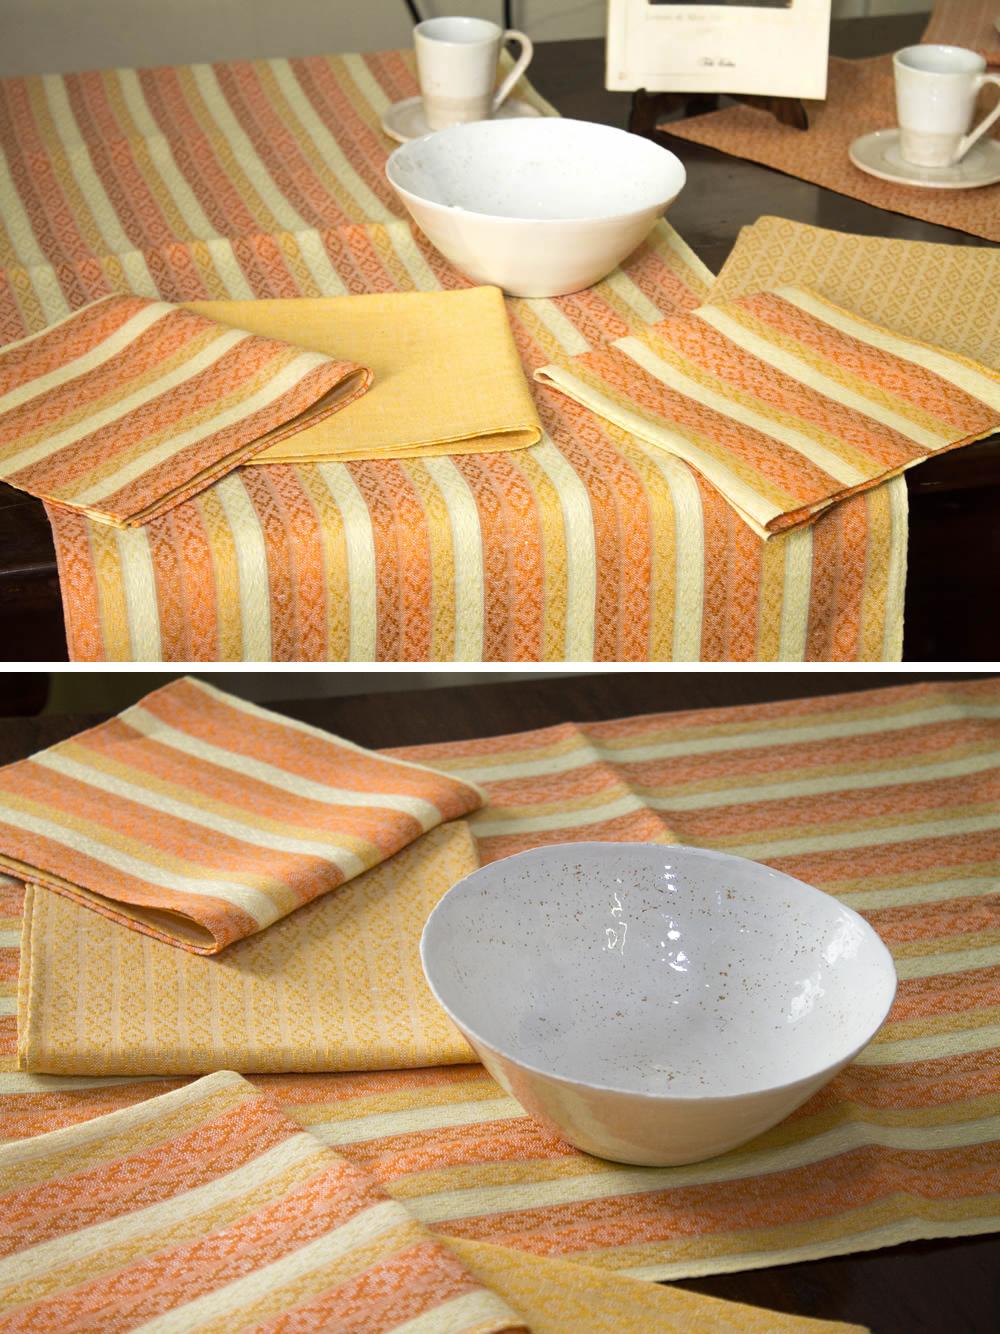 Sella tipo 11A classico vari colori + 2 tovaglioli